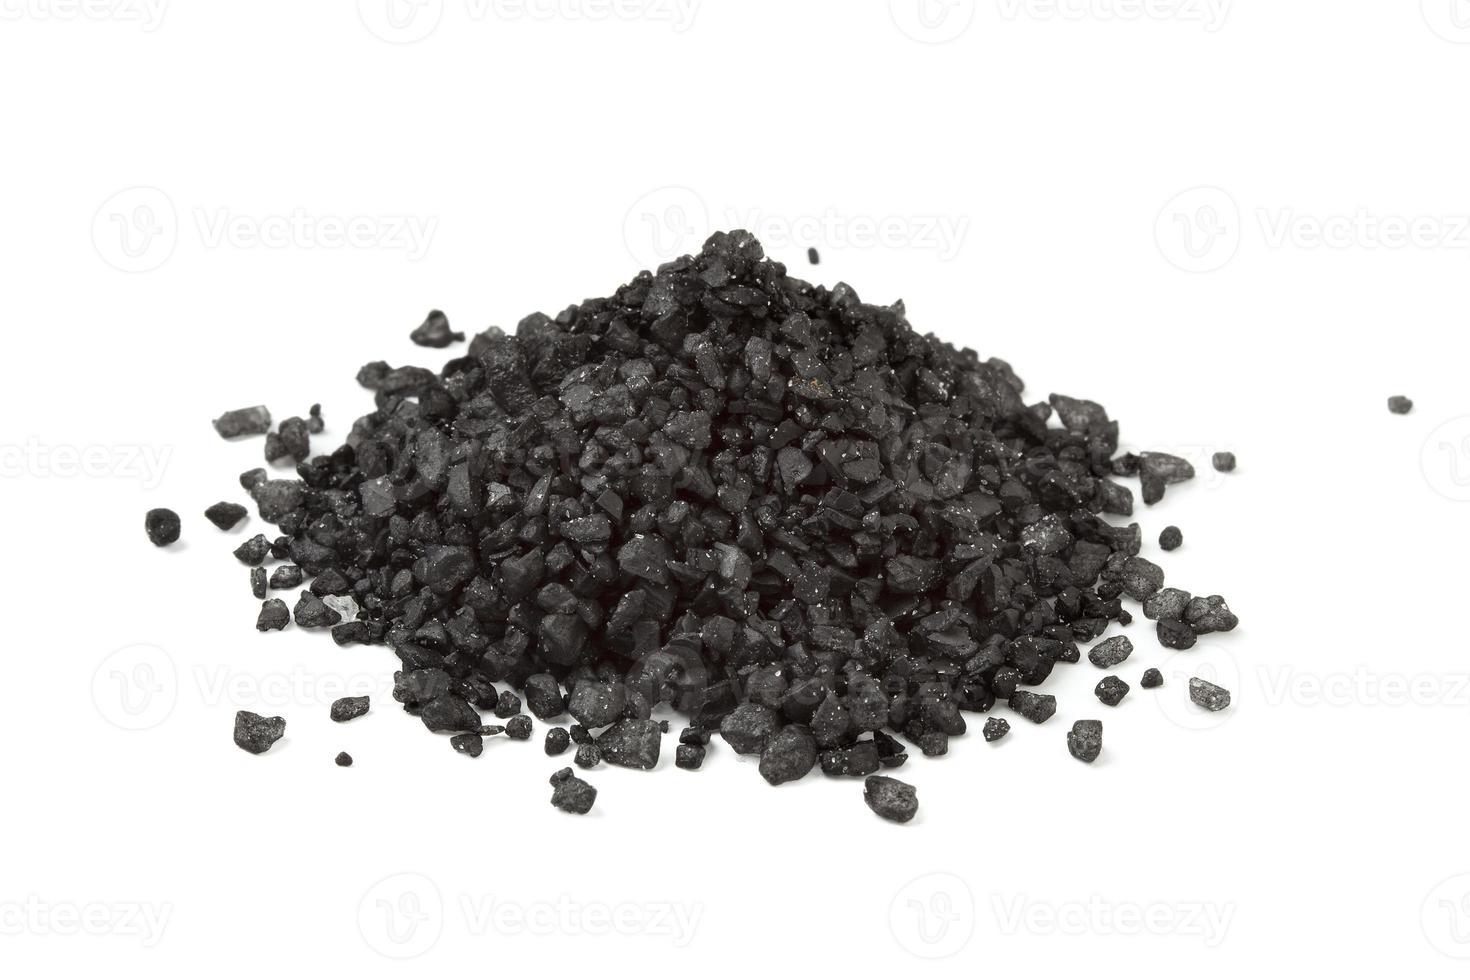 tas de sel de mer noir photo